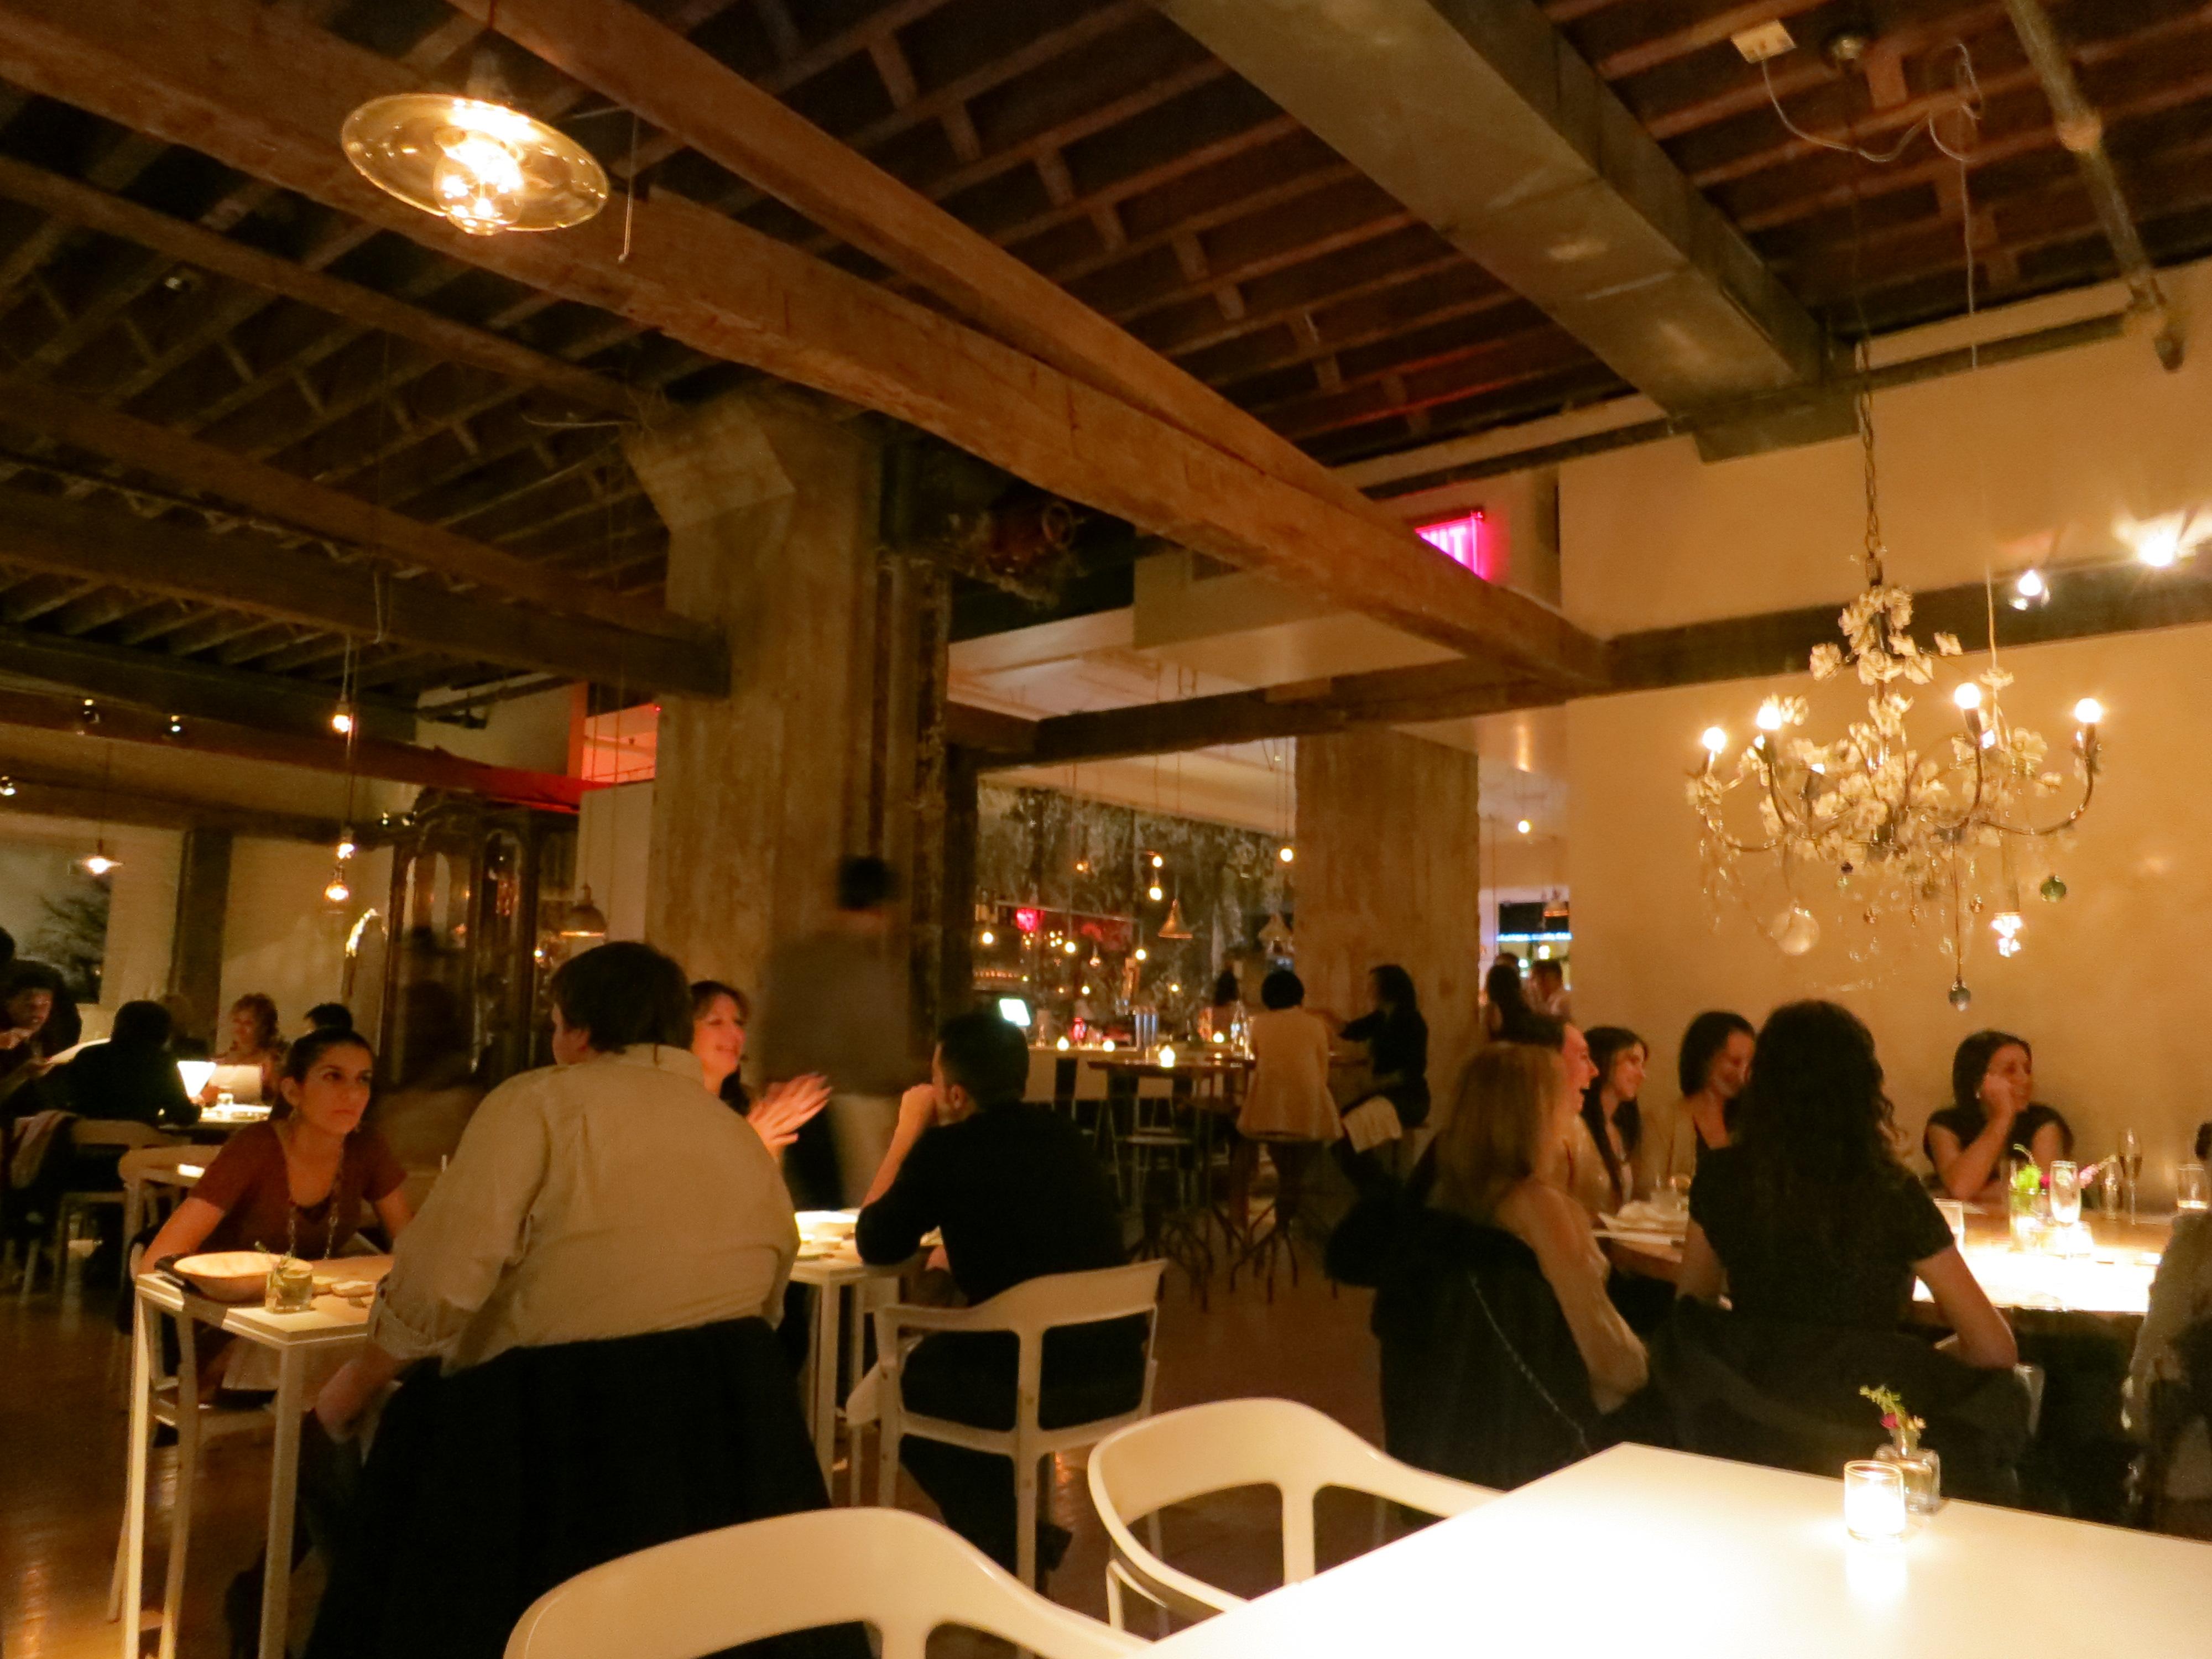 ABC Kitchen  New York NY  The Good Eater